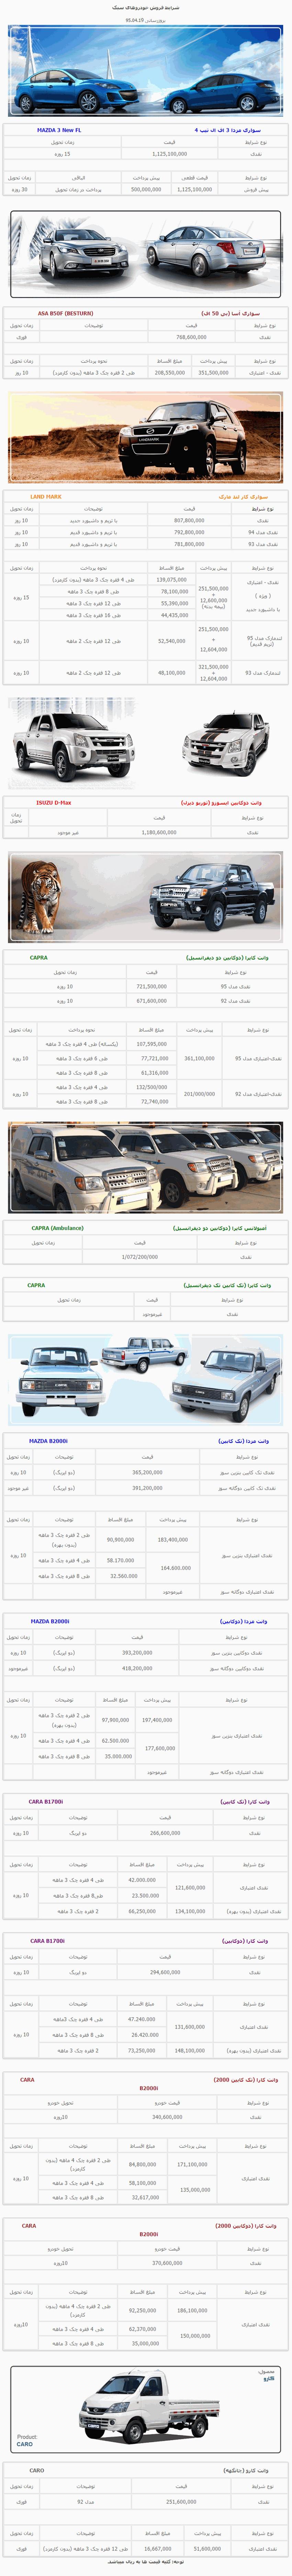 فروش سواری های گروه بهمن